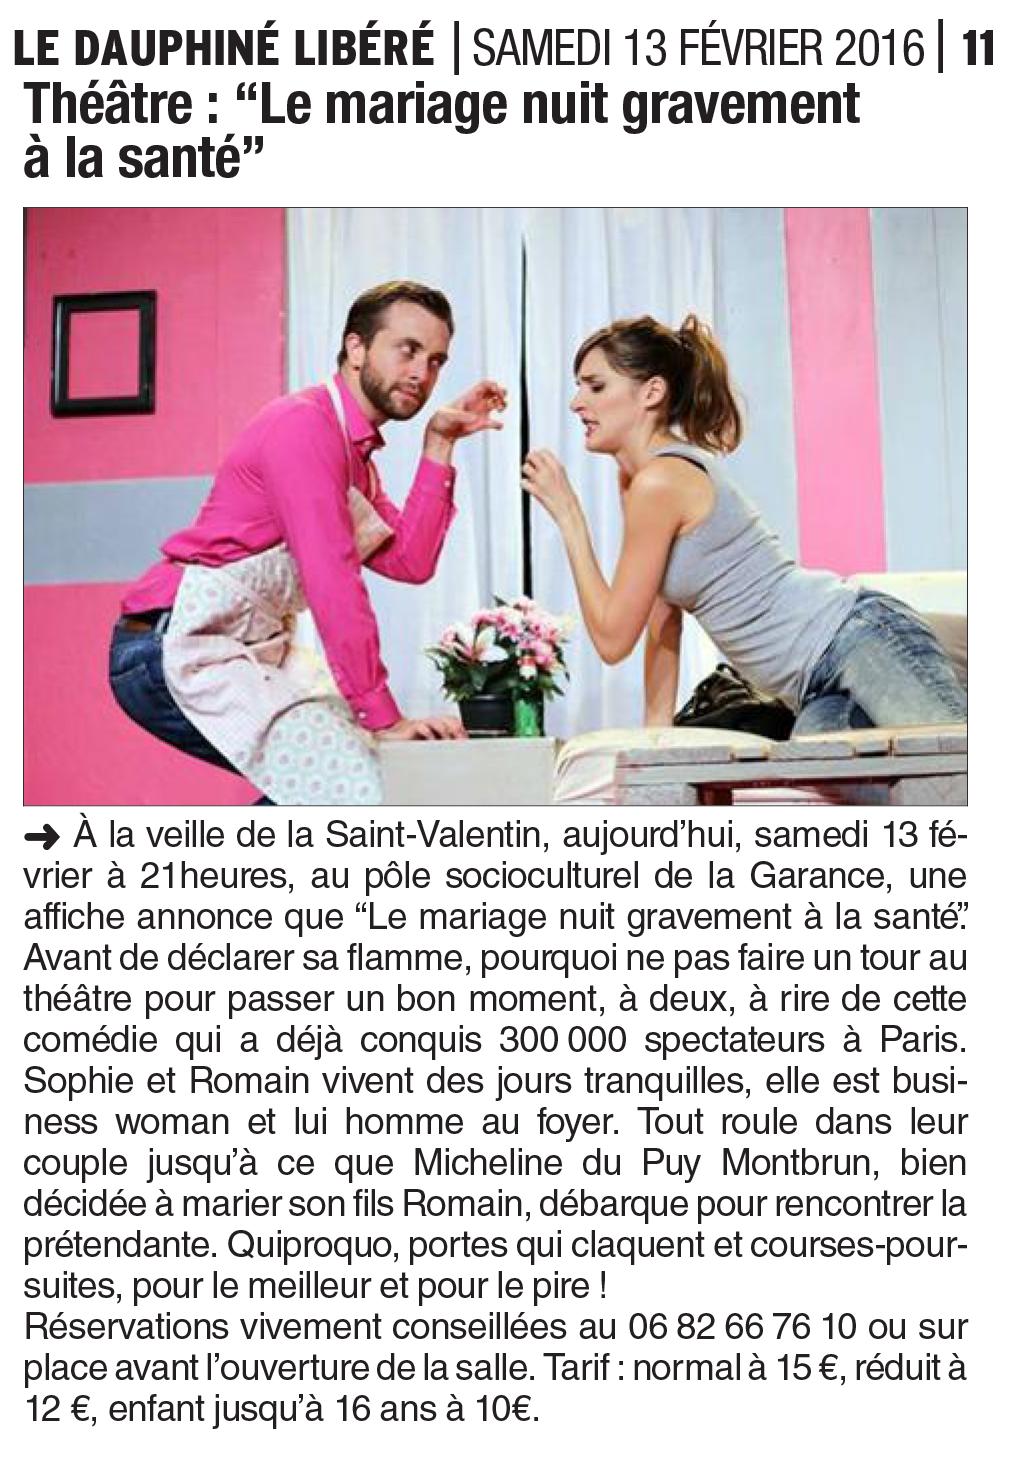 le_mariage_nuit_gravement_à_la_santé_dauphine